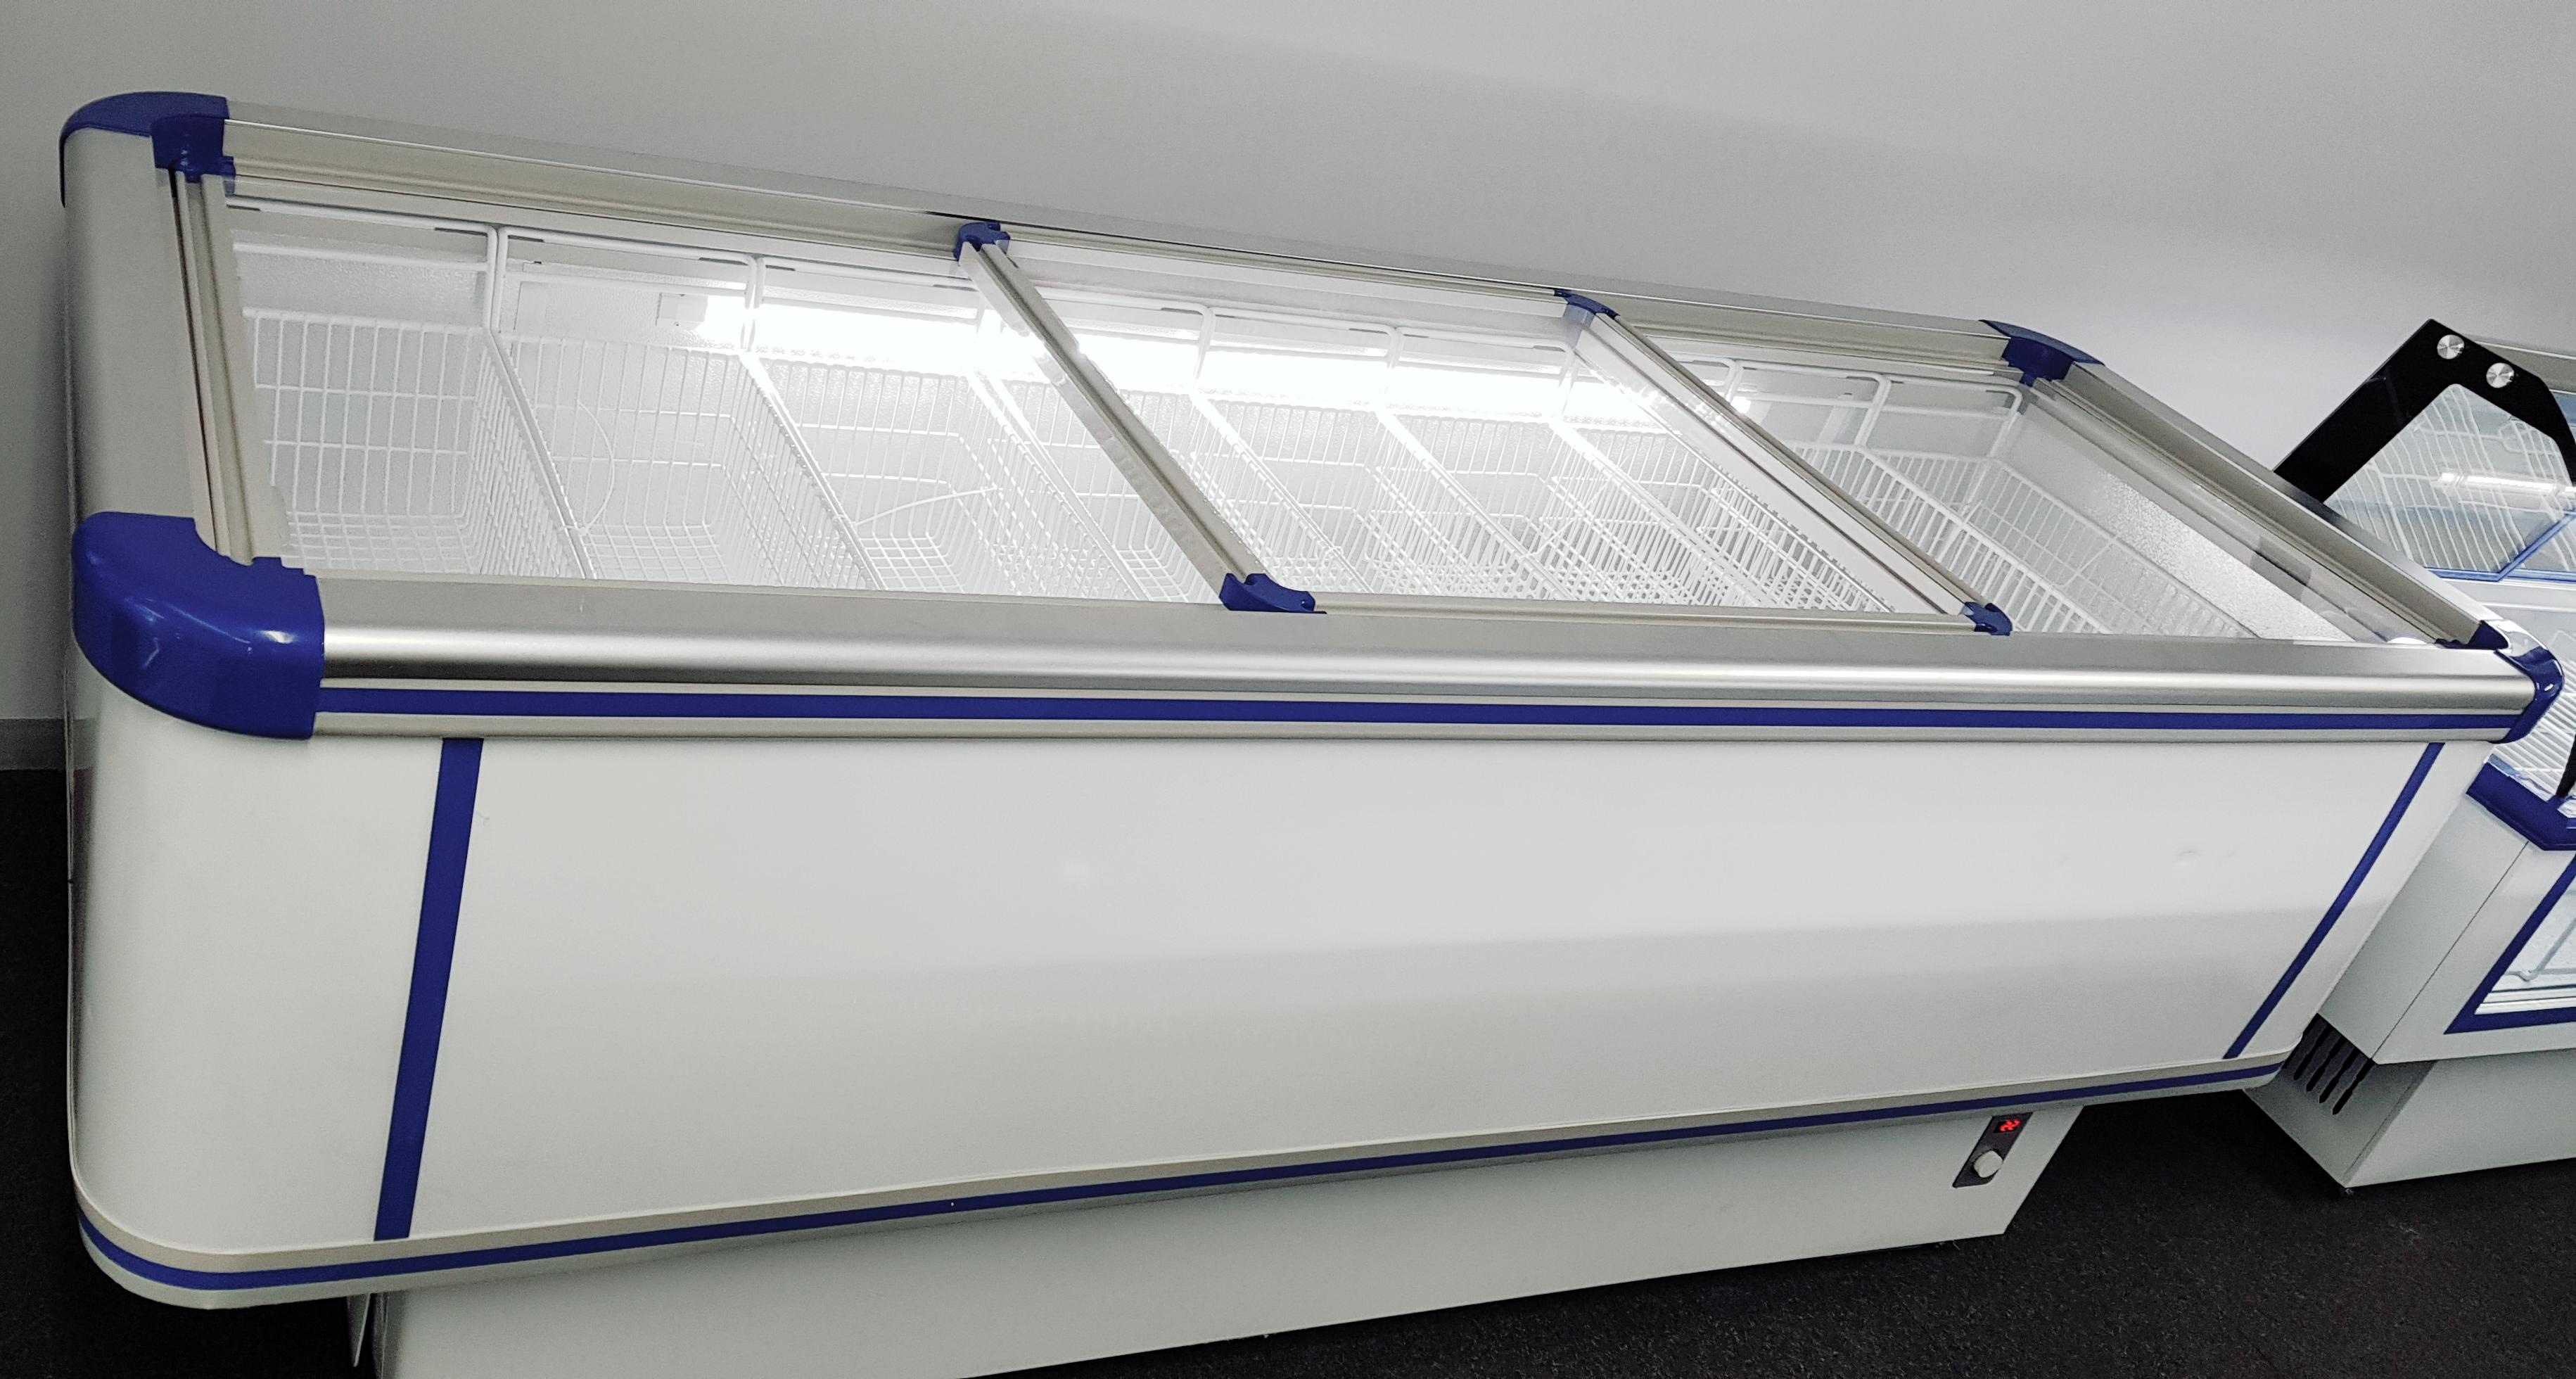 Display Freezer Glass Top Freezer Island Freezer For